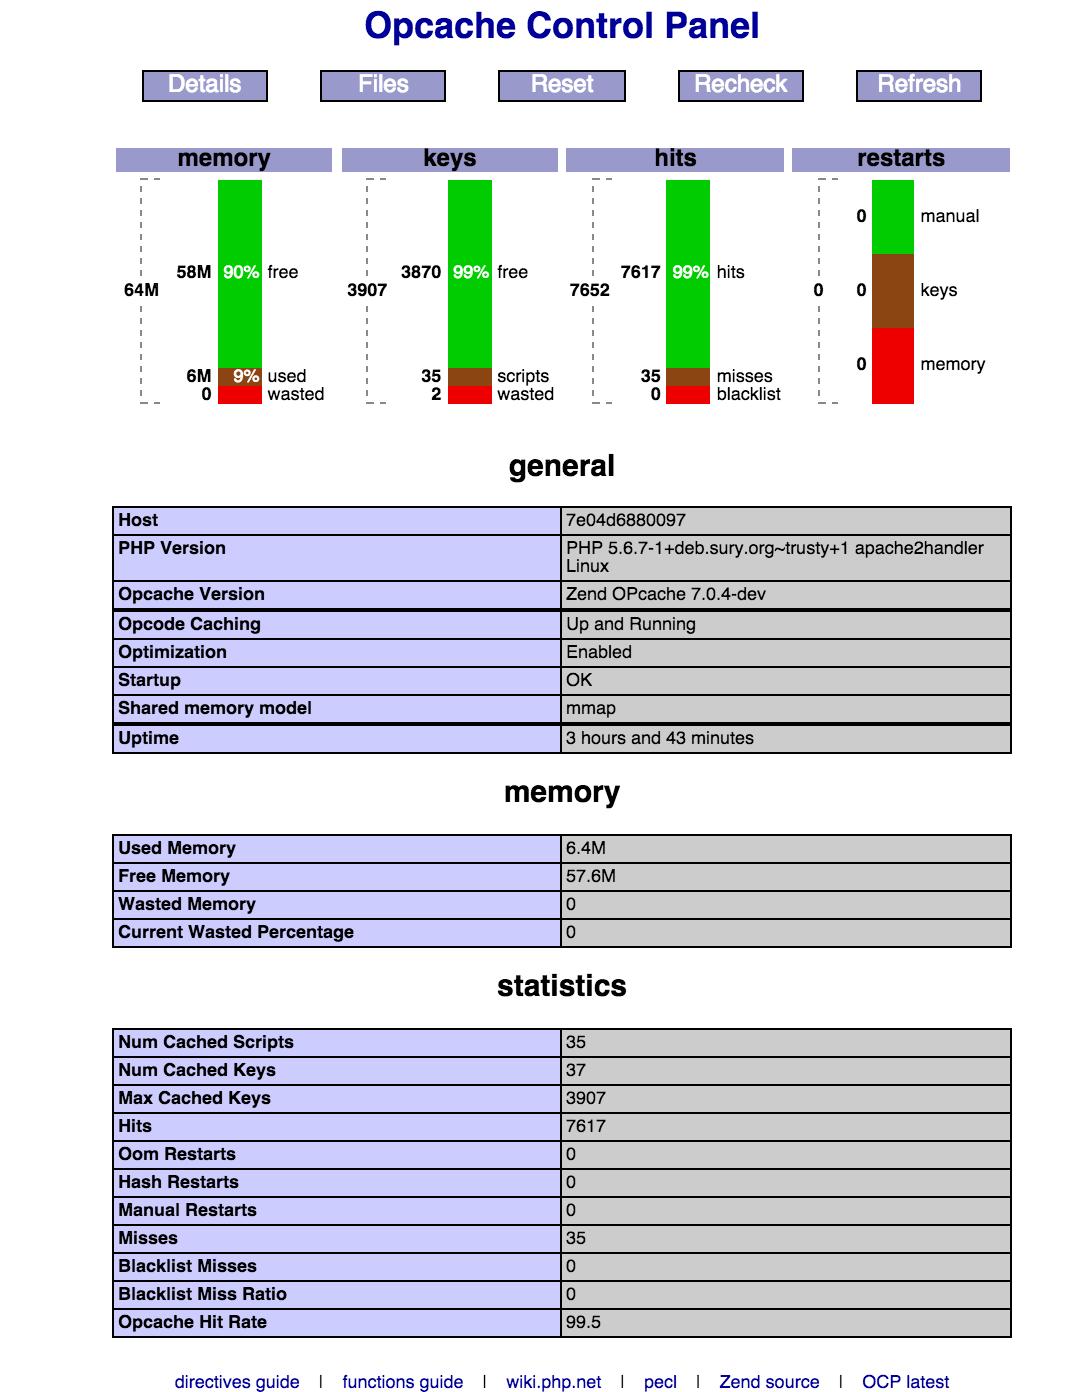 GitHub - mlazarov/ocp: Opcache Control Panel